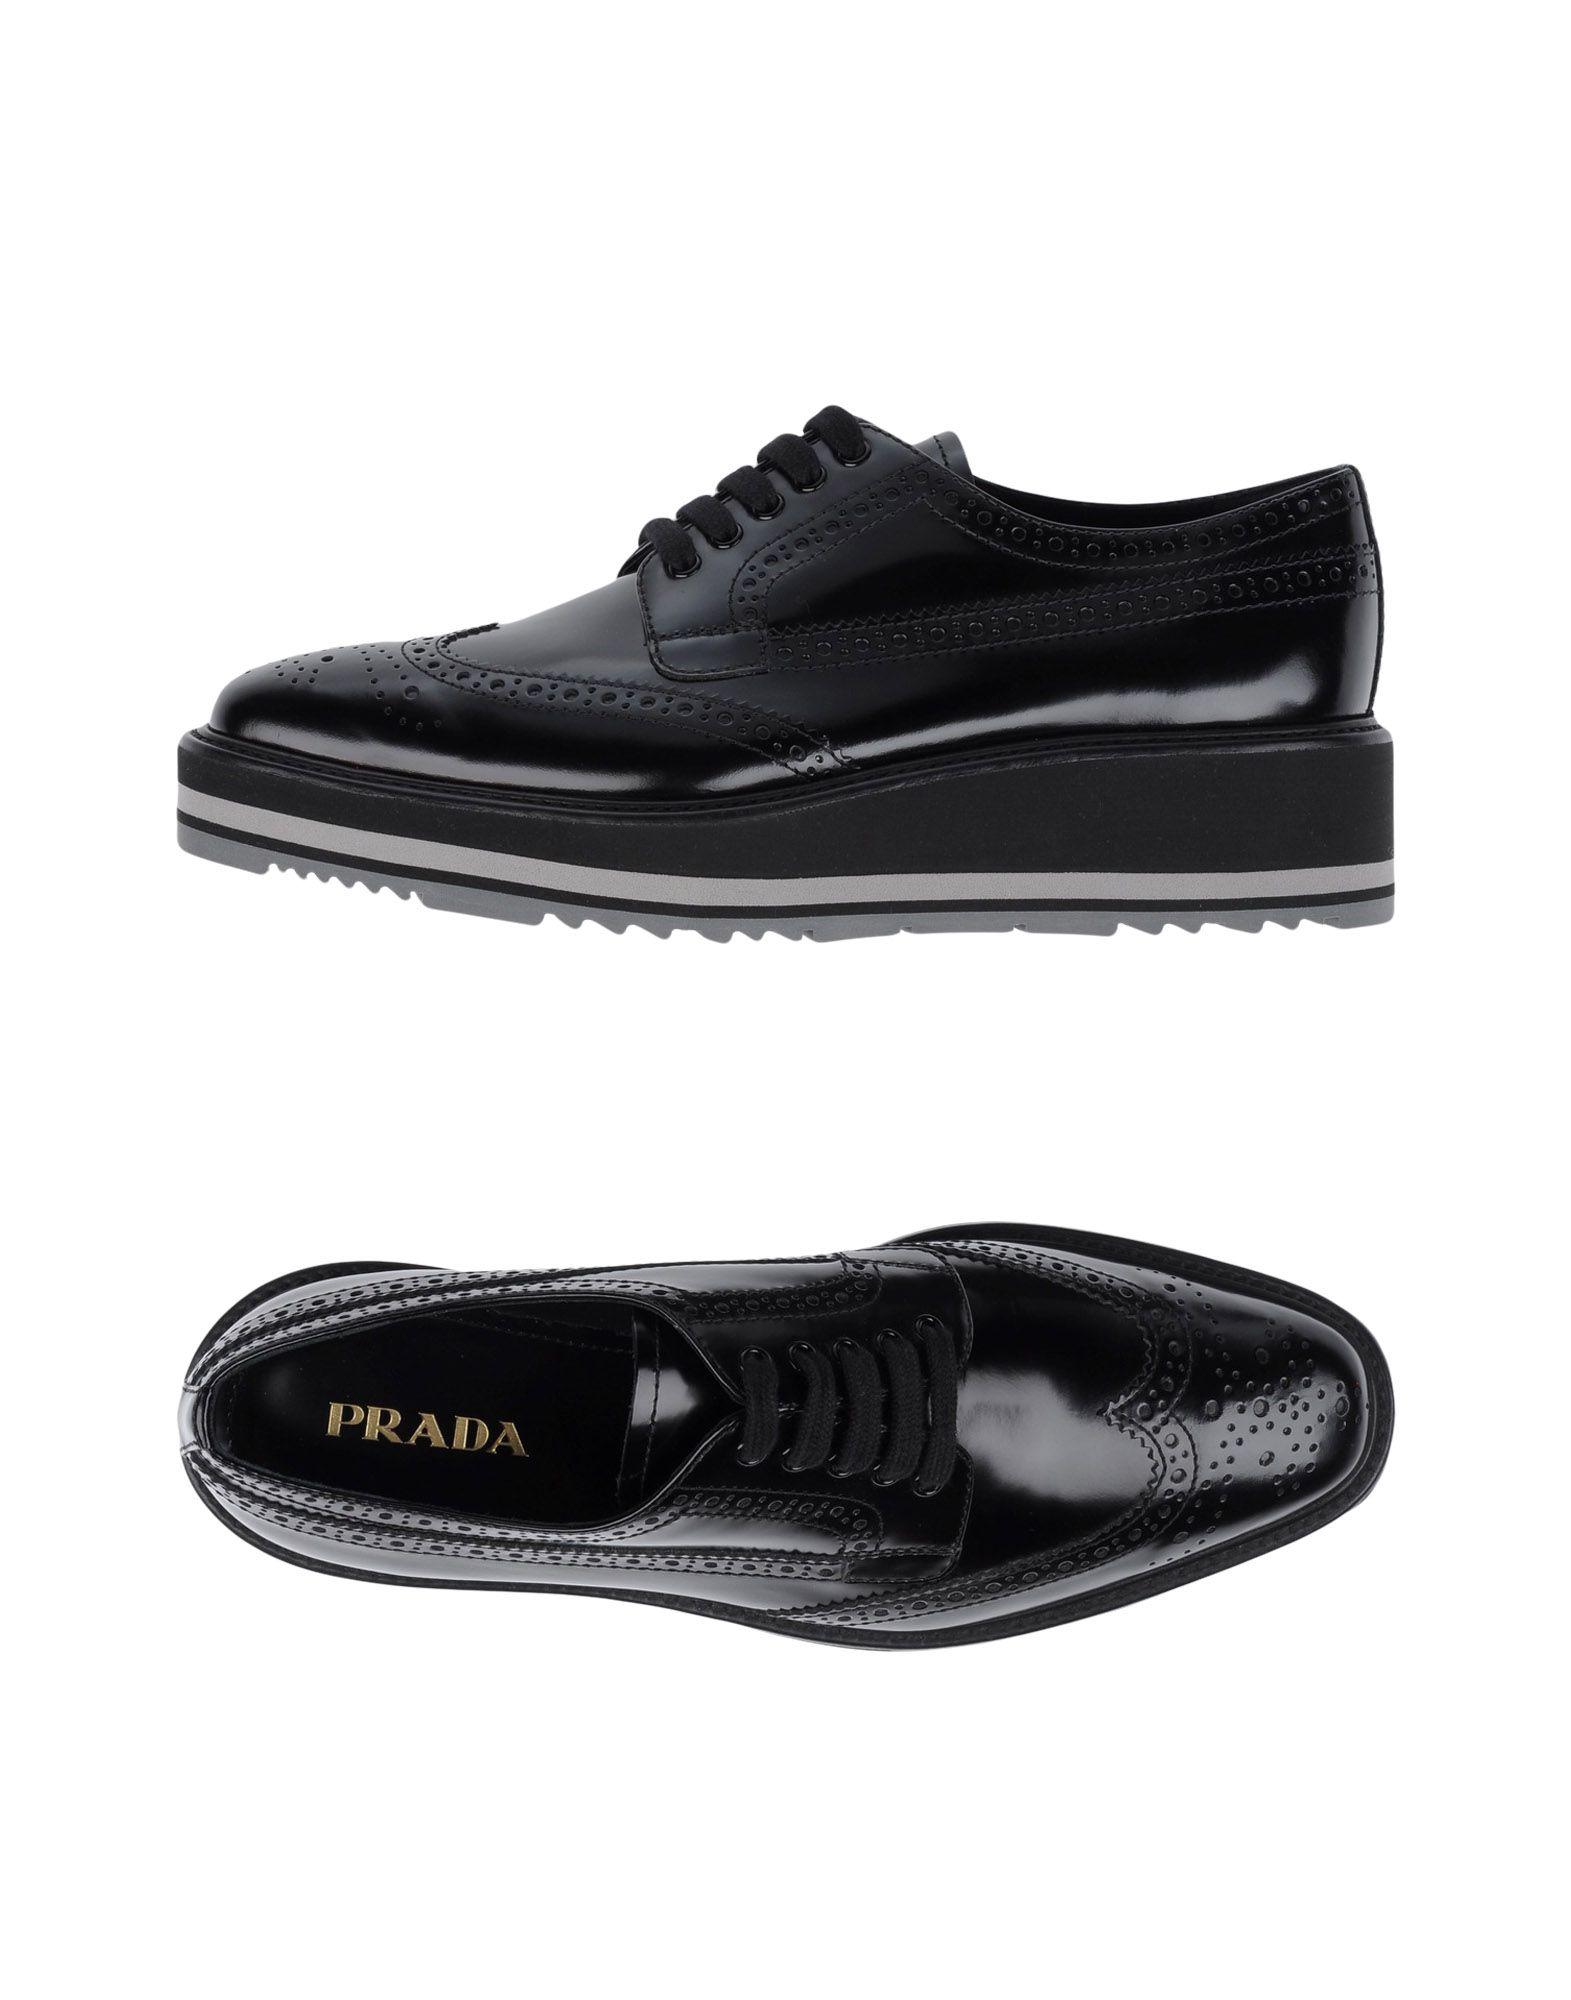 Prada gut Schnürschuhe Damen  11245647IKGünstige gut Prada aussehende Schuhe 582ec1